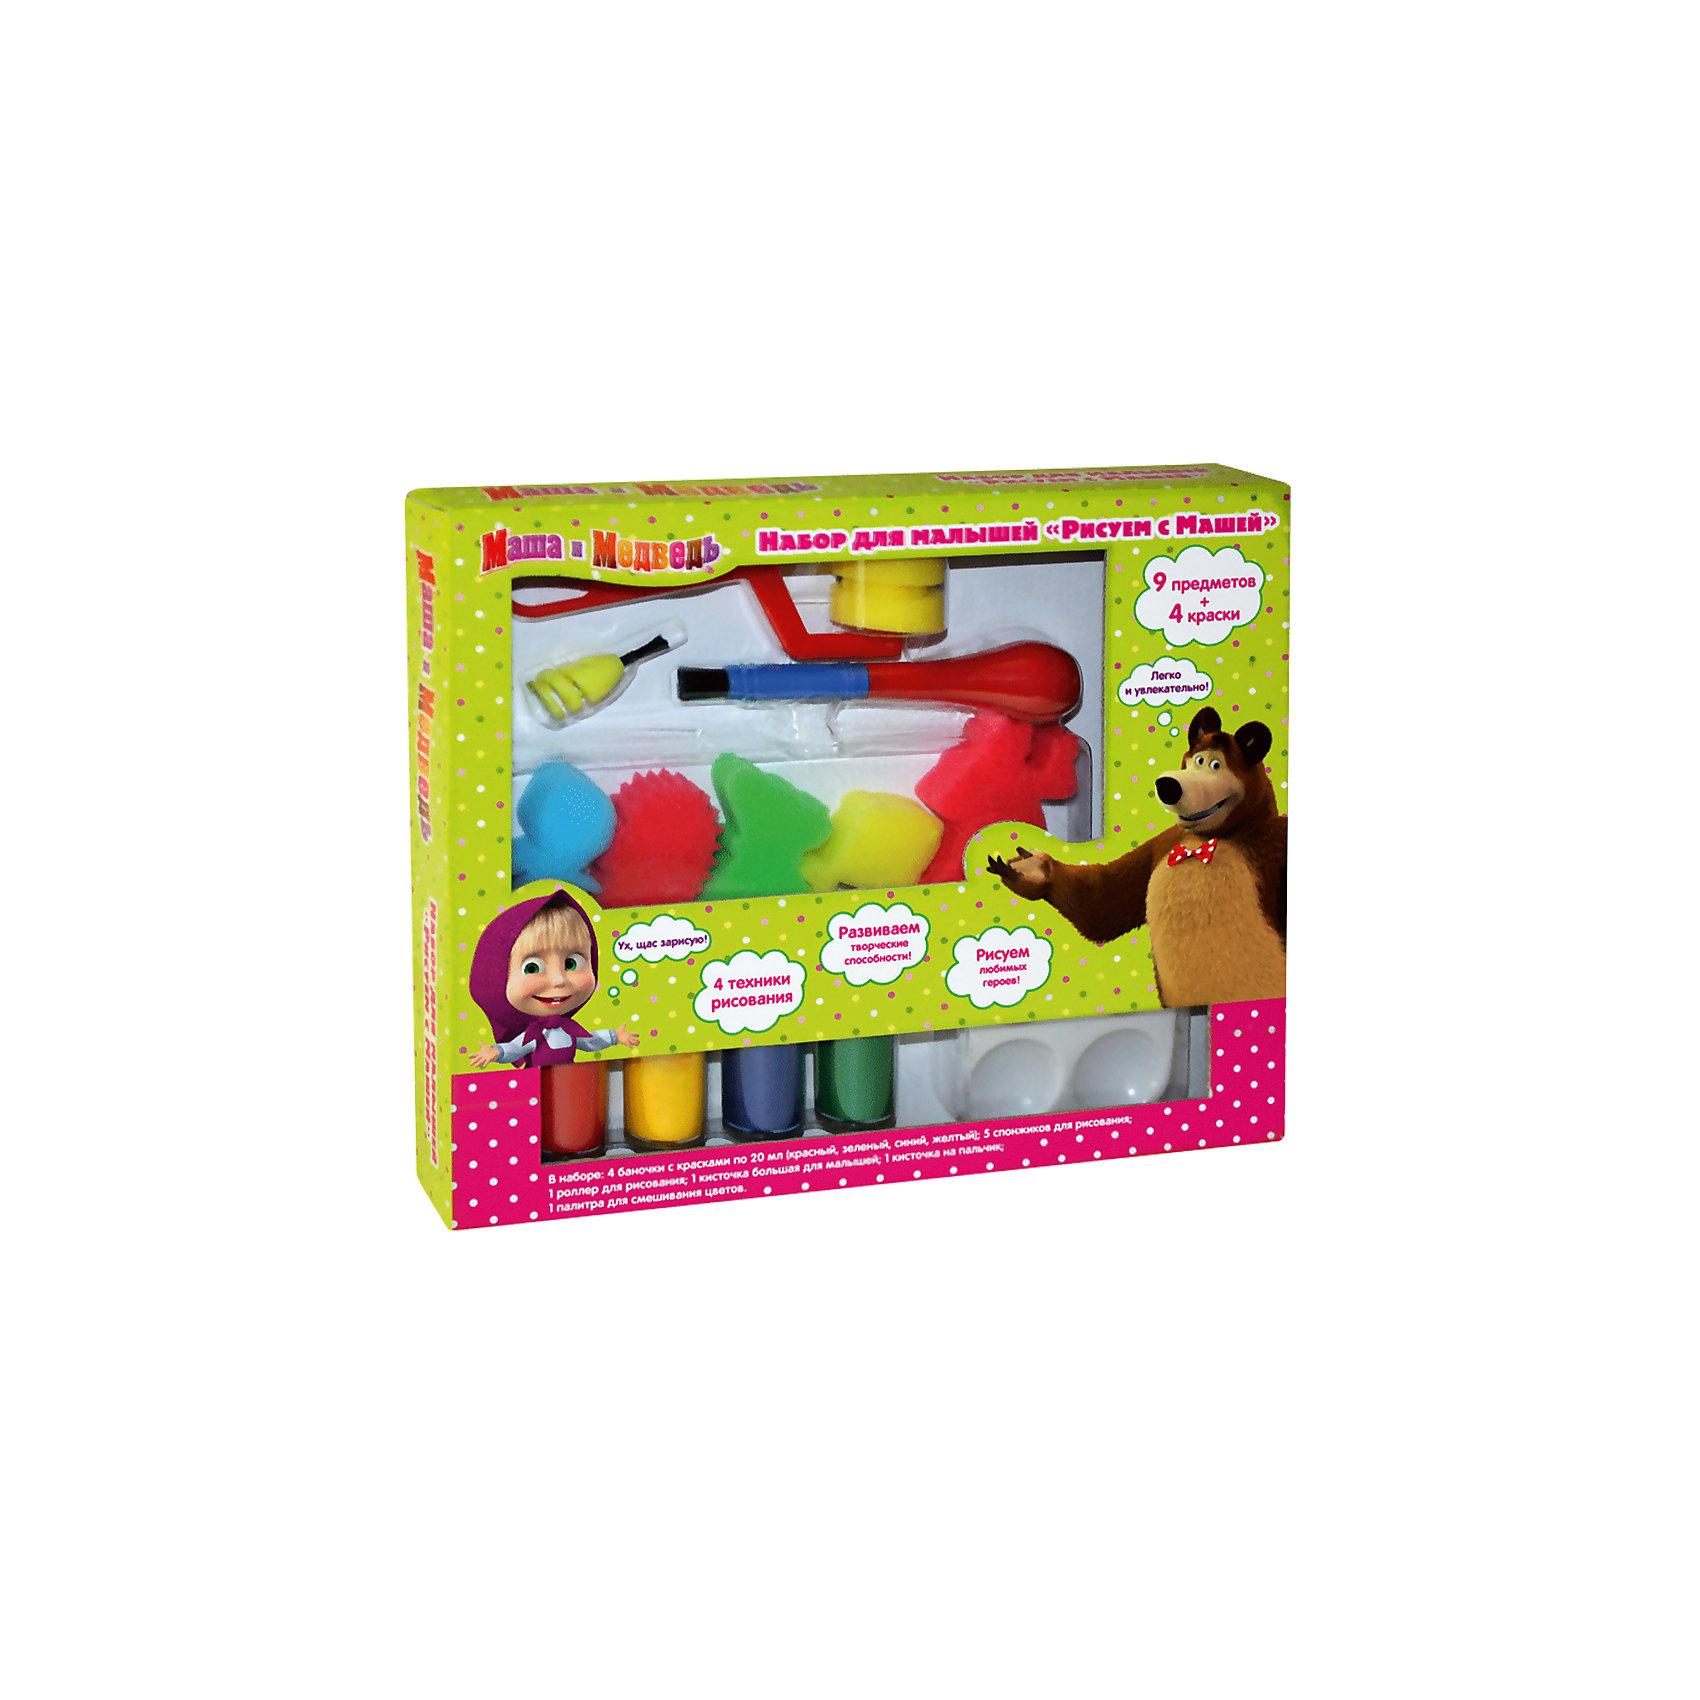 Набор для малышей Рисуем с Машей, Маша и МедведьРосмэн<br>Характеристики товара:<br><br>- цвет: разноцветный;<br>- комплектация: гуашь – 4 баночки по 20 мл (красный, зеленый, синий, жёлтый), 5 нейлоновых спонжиков (в виде Маши, медведя, рыбки, бабочки и собачки), пальчиковая кисточка, большая кисточка, роллер для рисования, палитра на 4 цвета;<br>- размер упаковки: 30 х 24 х 4 см;<br>- упаковка: коробка.<br><br>Этот набор станет отличным подарком для ребенка. Он помогает развить художественные навыки и интересно провести время. В нем есть разноцветные краски и предметы для изображения фона, героев мультфильма и дополнения рисунка деталями. В итоге - яркая оригинальная картинка!<br>Рисование даже в юном возрасте помогает ребенку развивать зрительную память, концентрацию внимания, мелкую моторику и цветовосприятие. Издание произведено из качественных материалов, которые безопасны даже для самых маленьких.<br><br>Набор для малышей Рисуем с Машей от компании Росмэн можно купить в нашем интернет-магазине.<br><br>Ширина мм: 300<br>Глубина мм: 247<br>Высота мм: 45<br>Вес г: 340<br>Возраст от месяцев: 36<br>Возраст до месяцев: 72<br>Пол: Унисекс<br>Возраст: Детский<br>SKU: 5109794